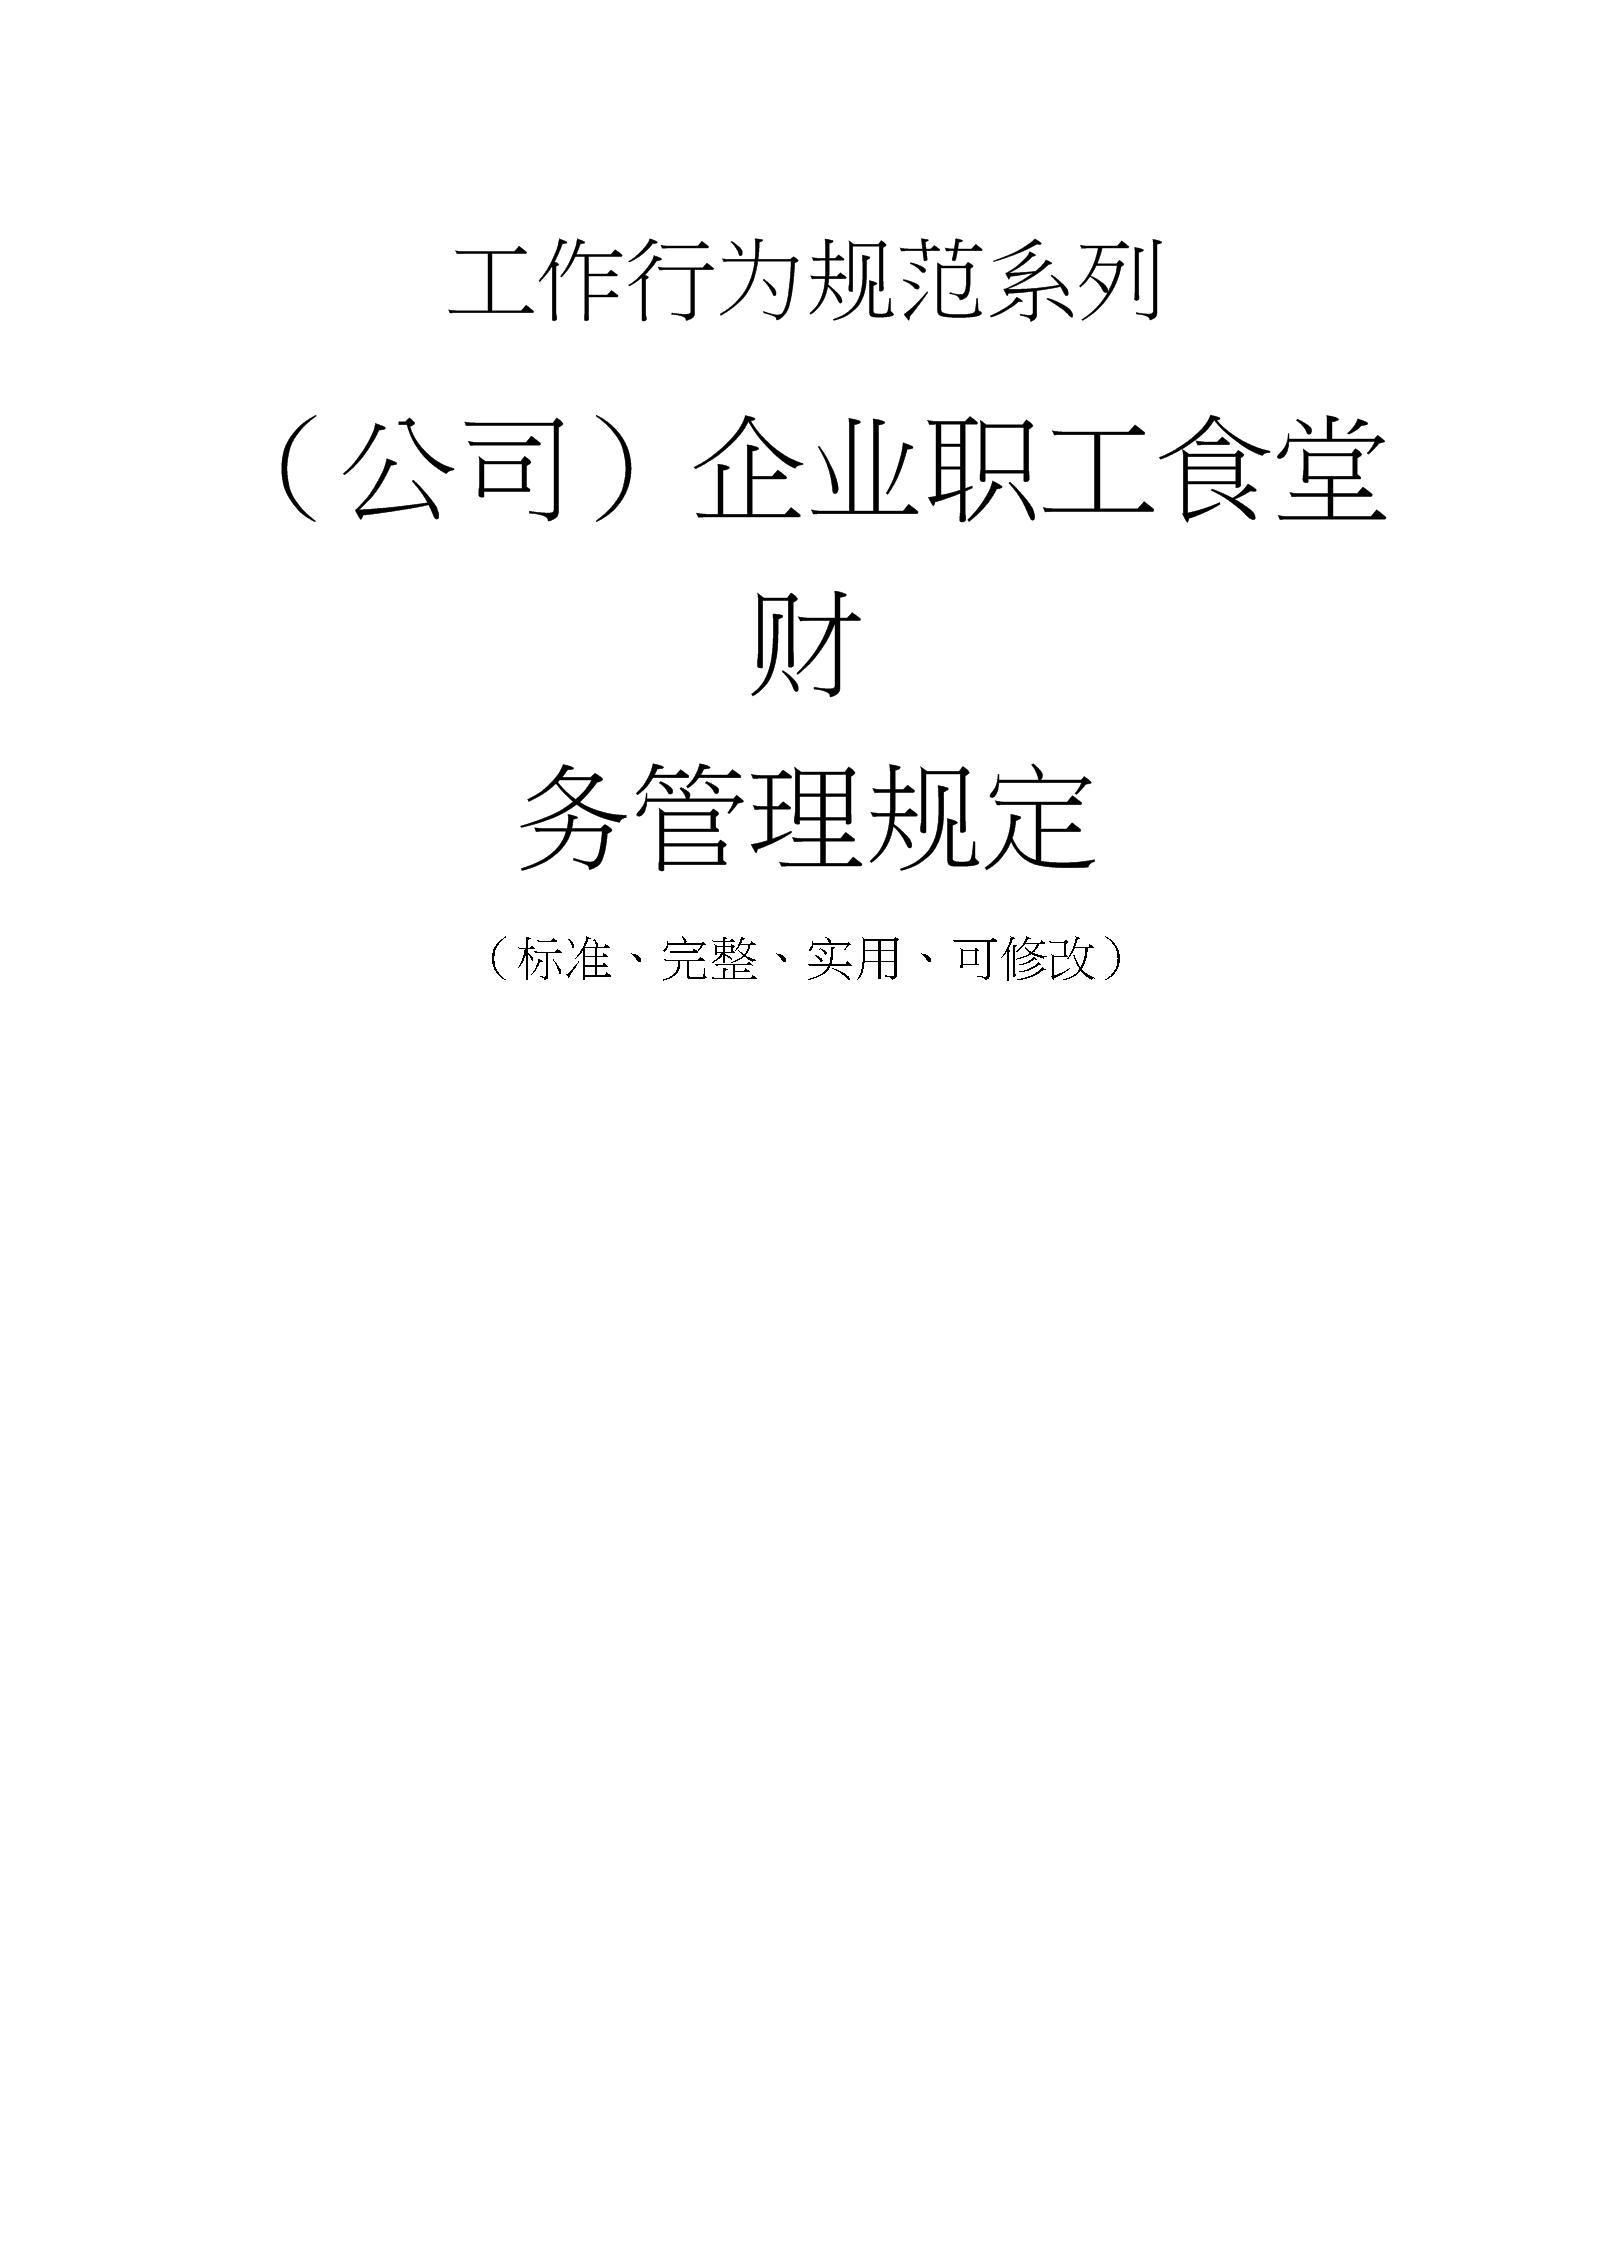 企业职工食堂财务管理规定.docx